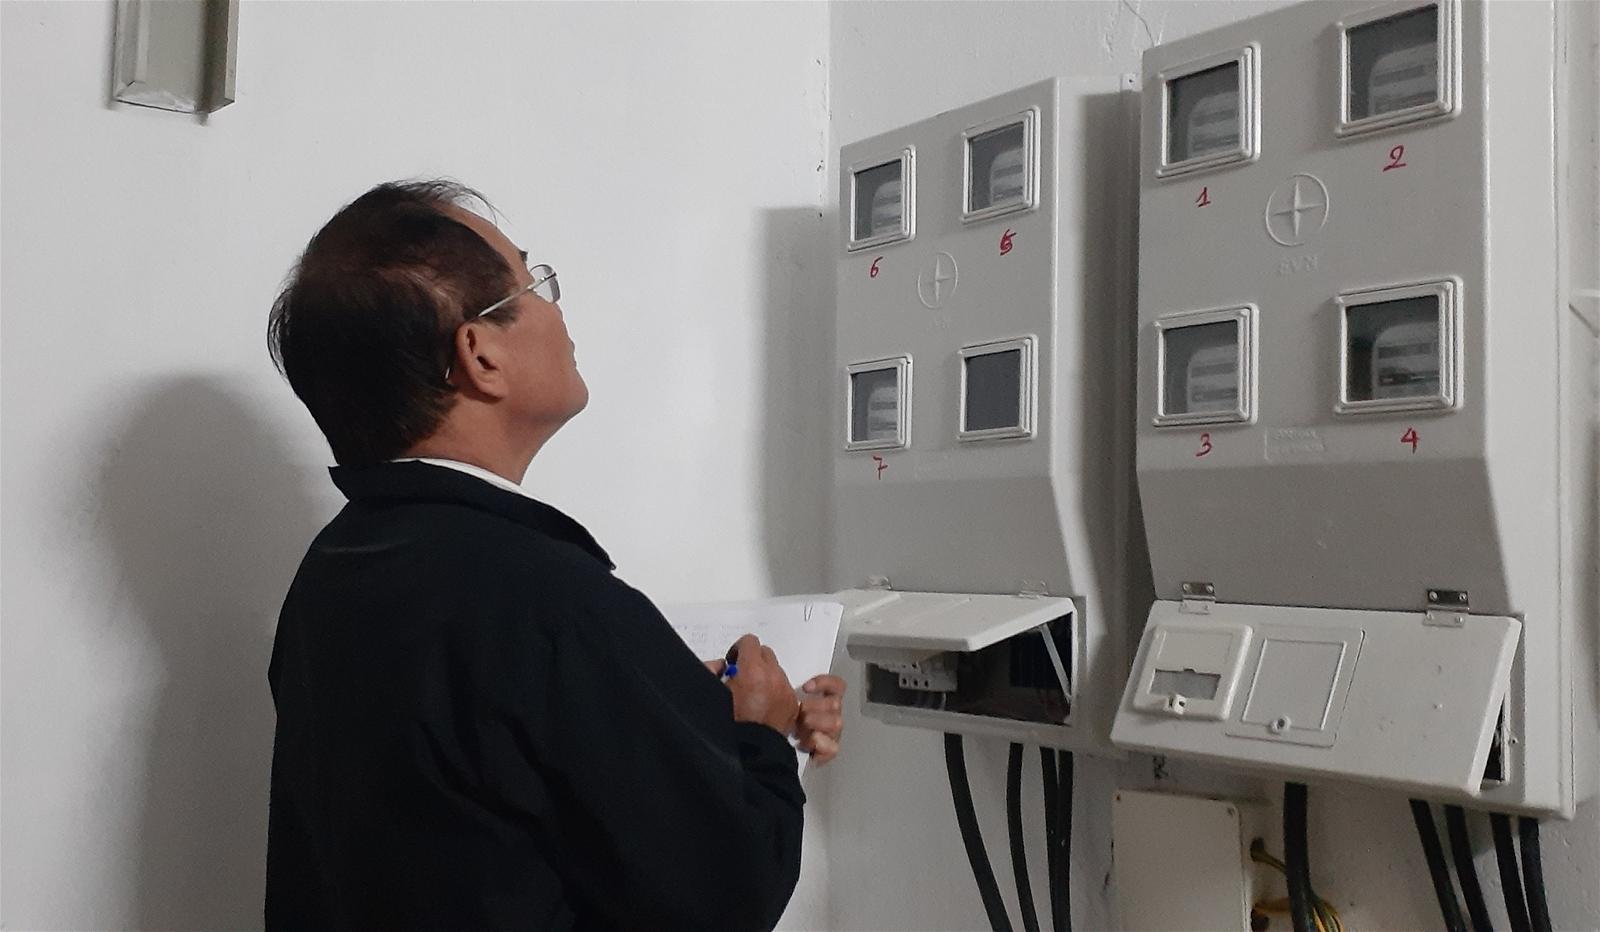 Hà Nội: Góc khuất bên trong chung cư 24 tầng hoạt động khi chưa nghiệm thu PCCC